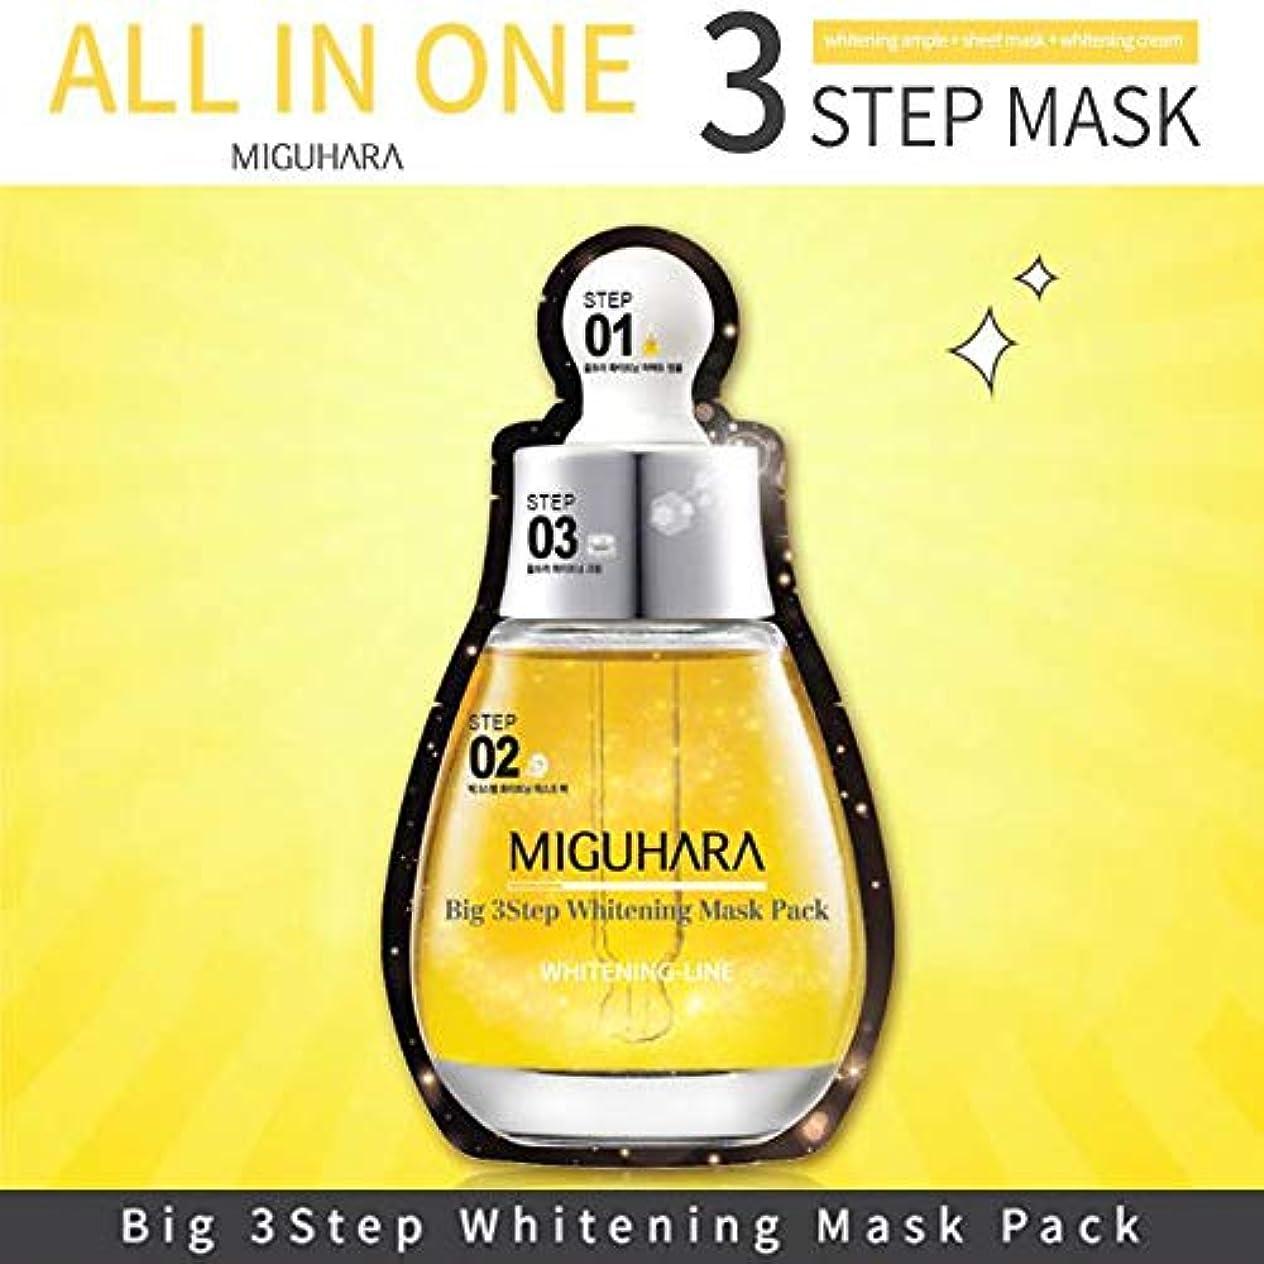 数字中央千MIGUHARA ビッグ 3ステップホワイトニングマスクパック/Big3 Step Whitening Mask Pack (1.7ml + 23ml + 1.7ml)*10PCS